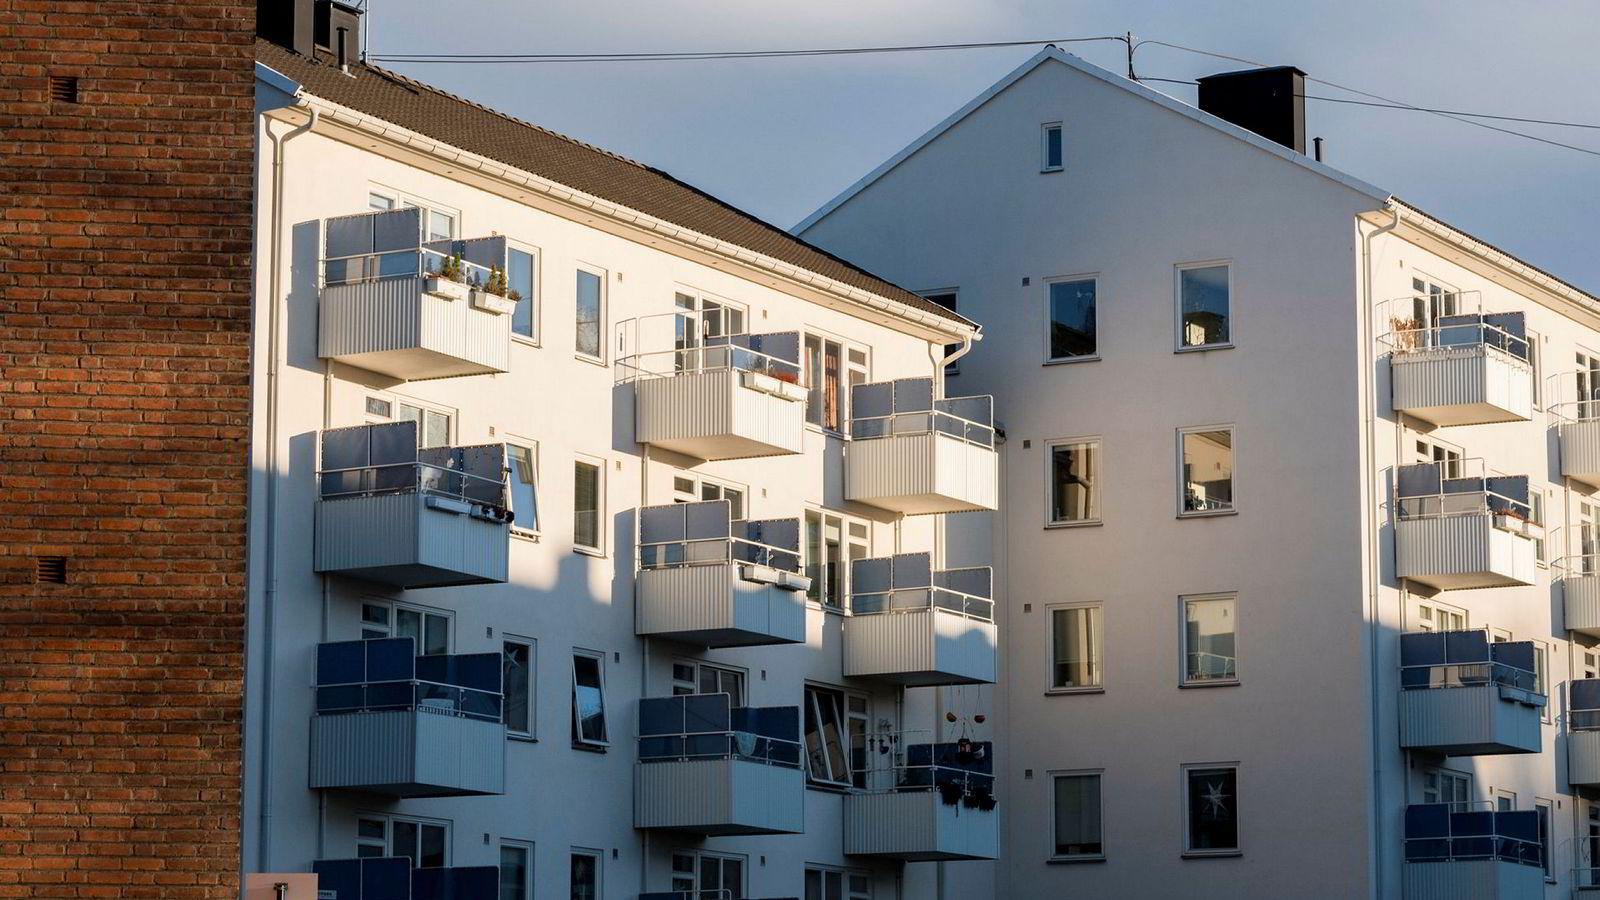 Kronikkforfatteren mener at eiendomsskatt bør forbli kommunal, fordi den er med på å sikre kommunene en viss grad av direkte innflytelse på egne inntekter.